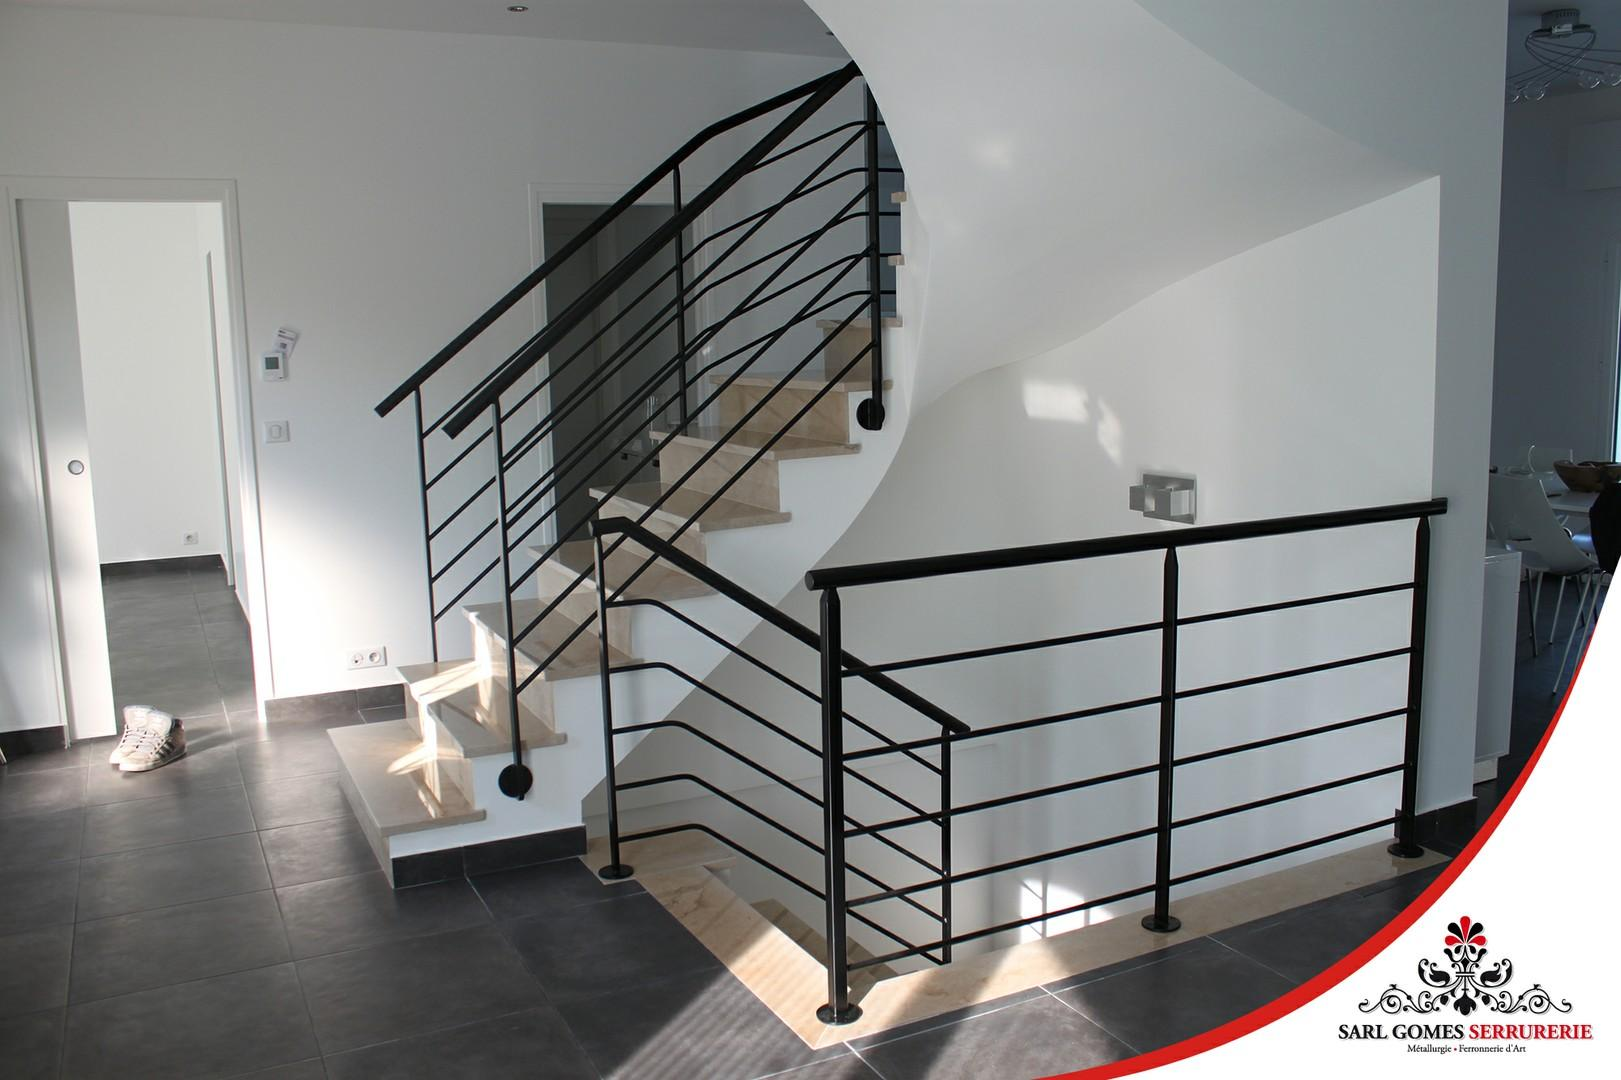 Photo d escalier d interieur escalier simple good for Photo d escalier d interieur